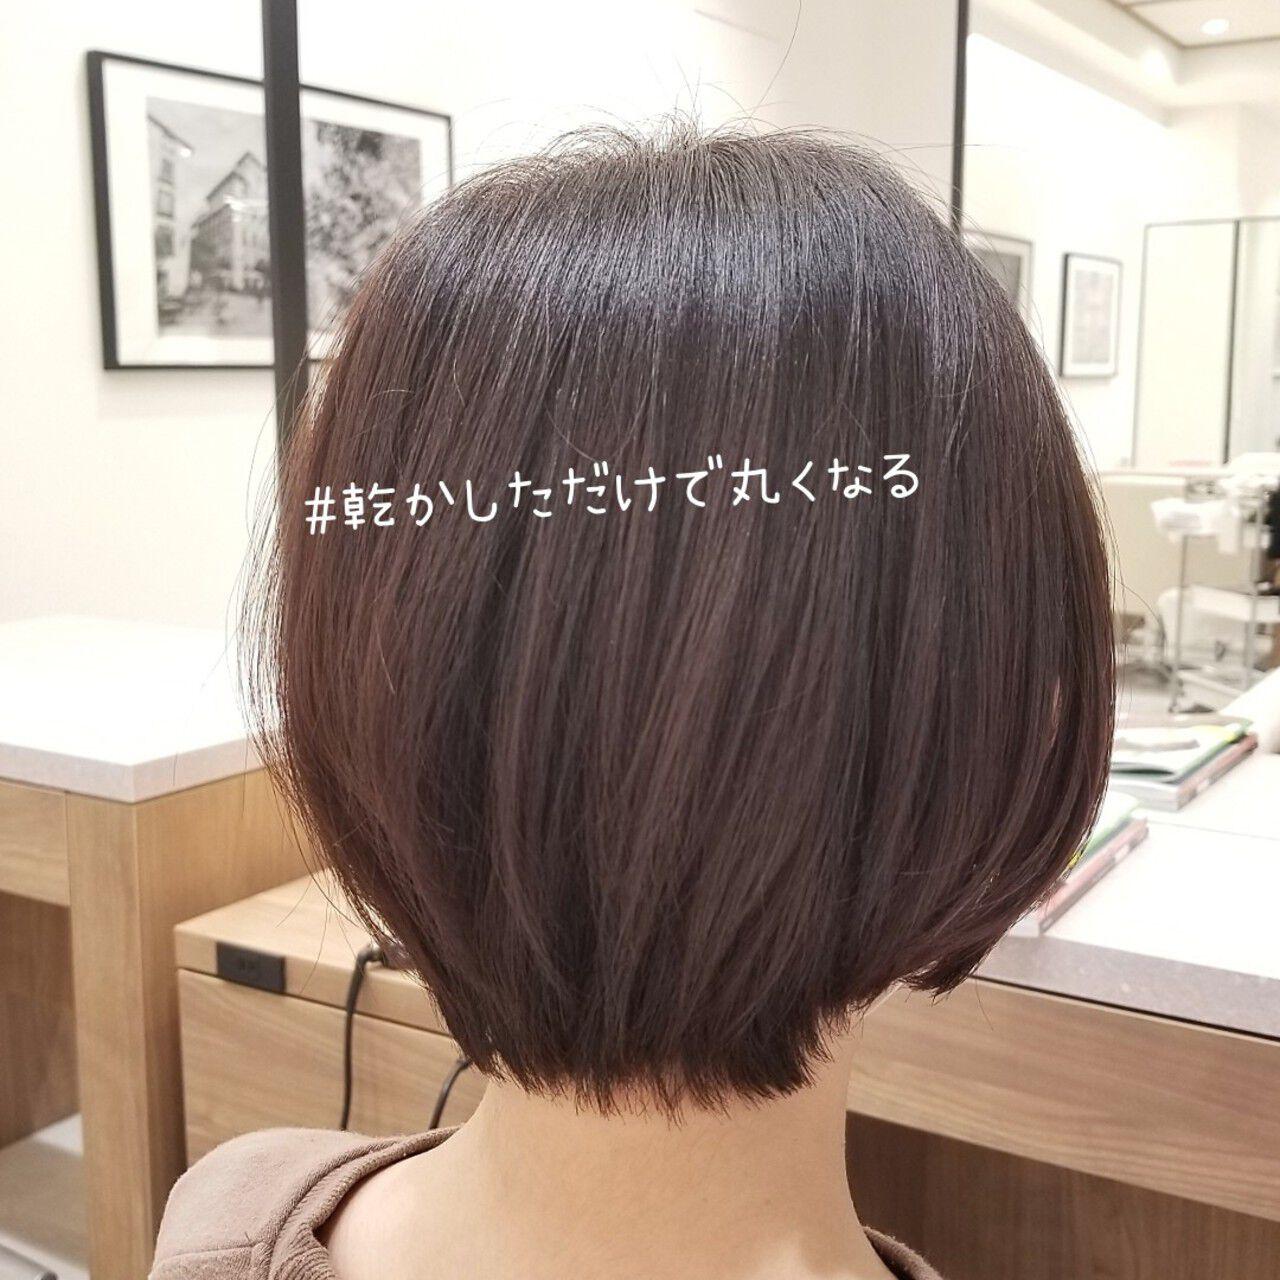 ショートヘア 大人ショート ショート ショートボブヘアスタイルや髪型の写真・画像